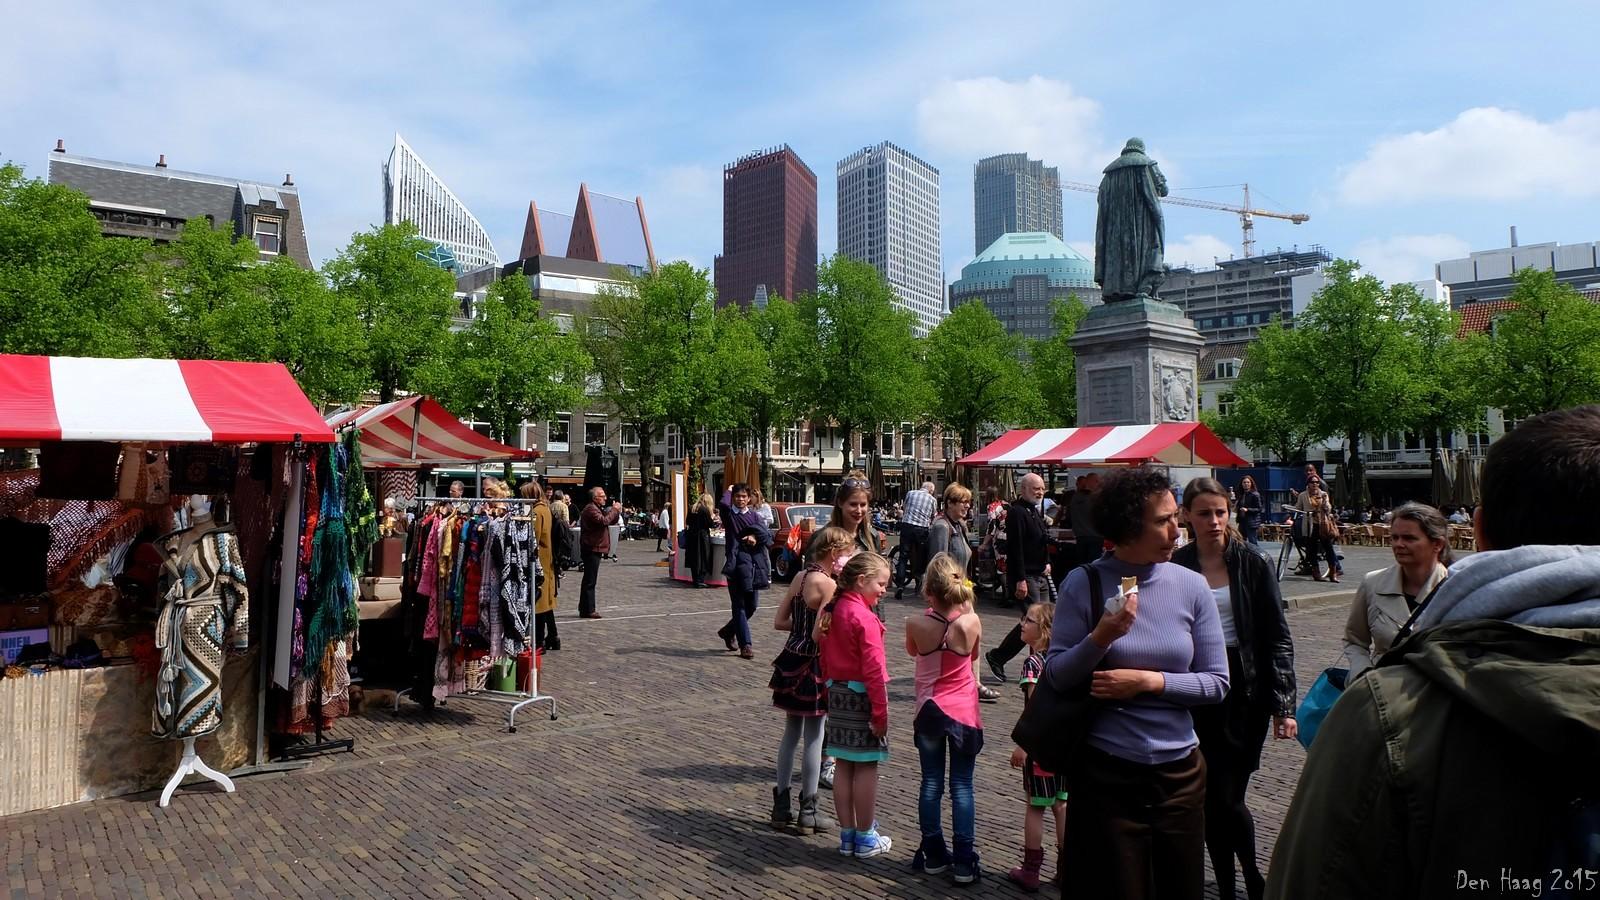 Sunday Market on Plein, Den Haag, Nederland